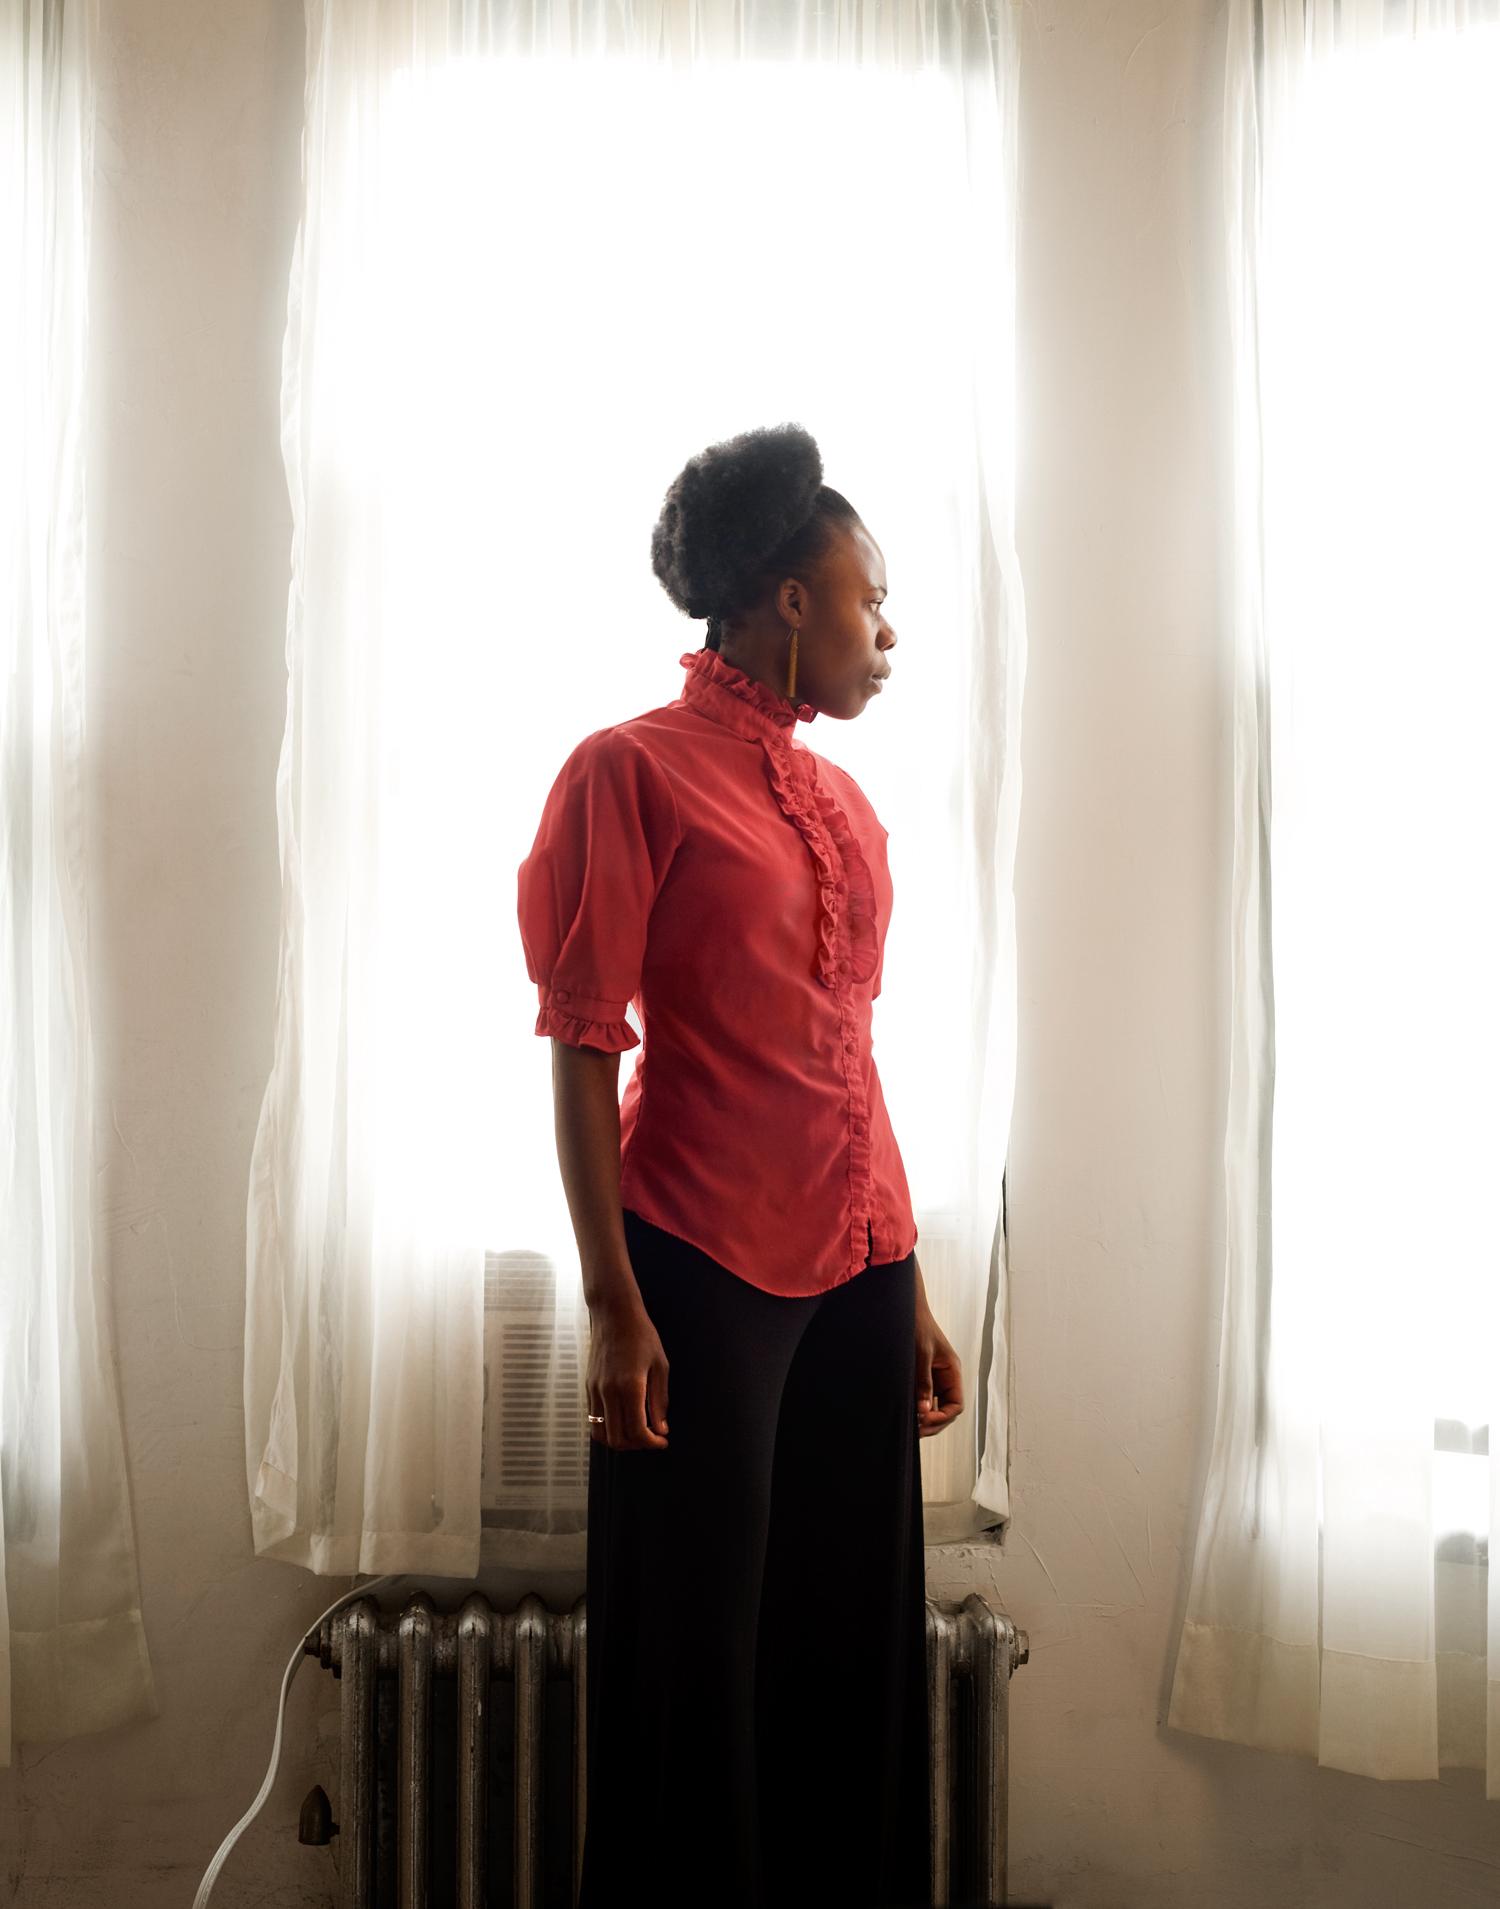 Linda Mboya, arts administrator